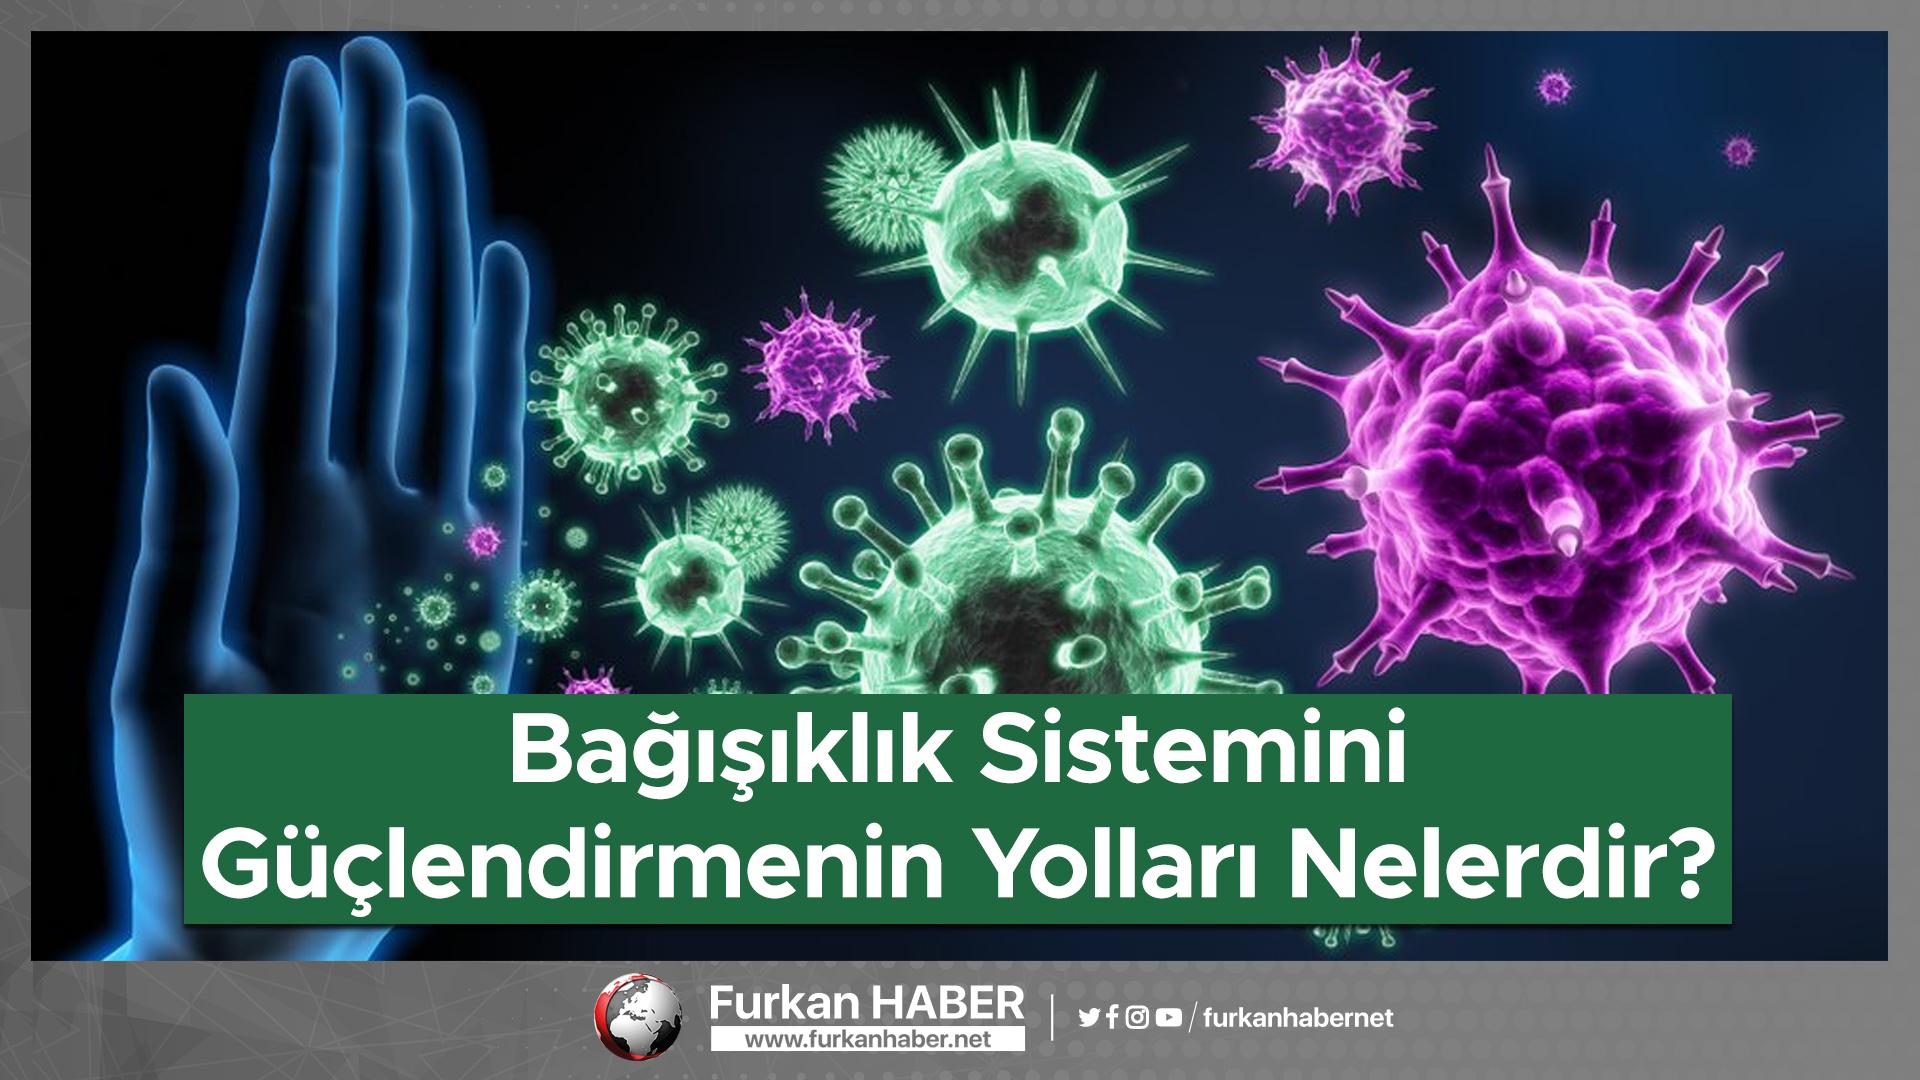 Bağışıklık Sistemini Güçlendirmenin Yolları Nelerdir?